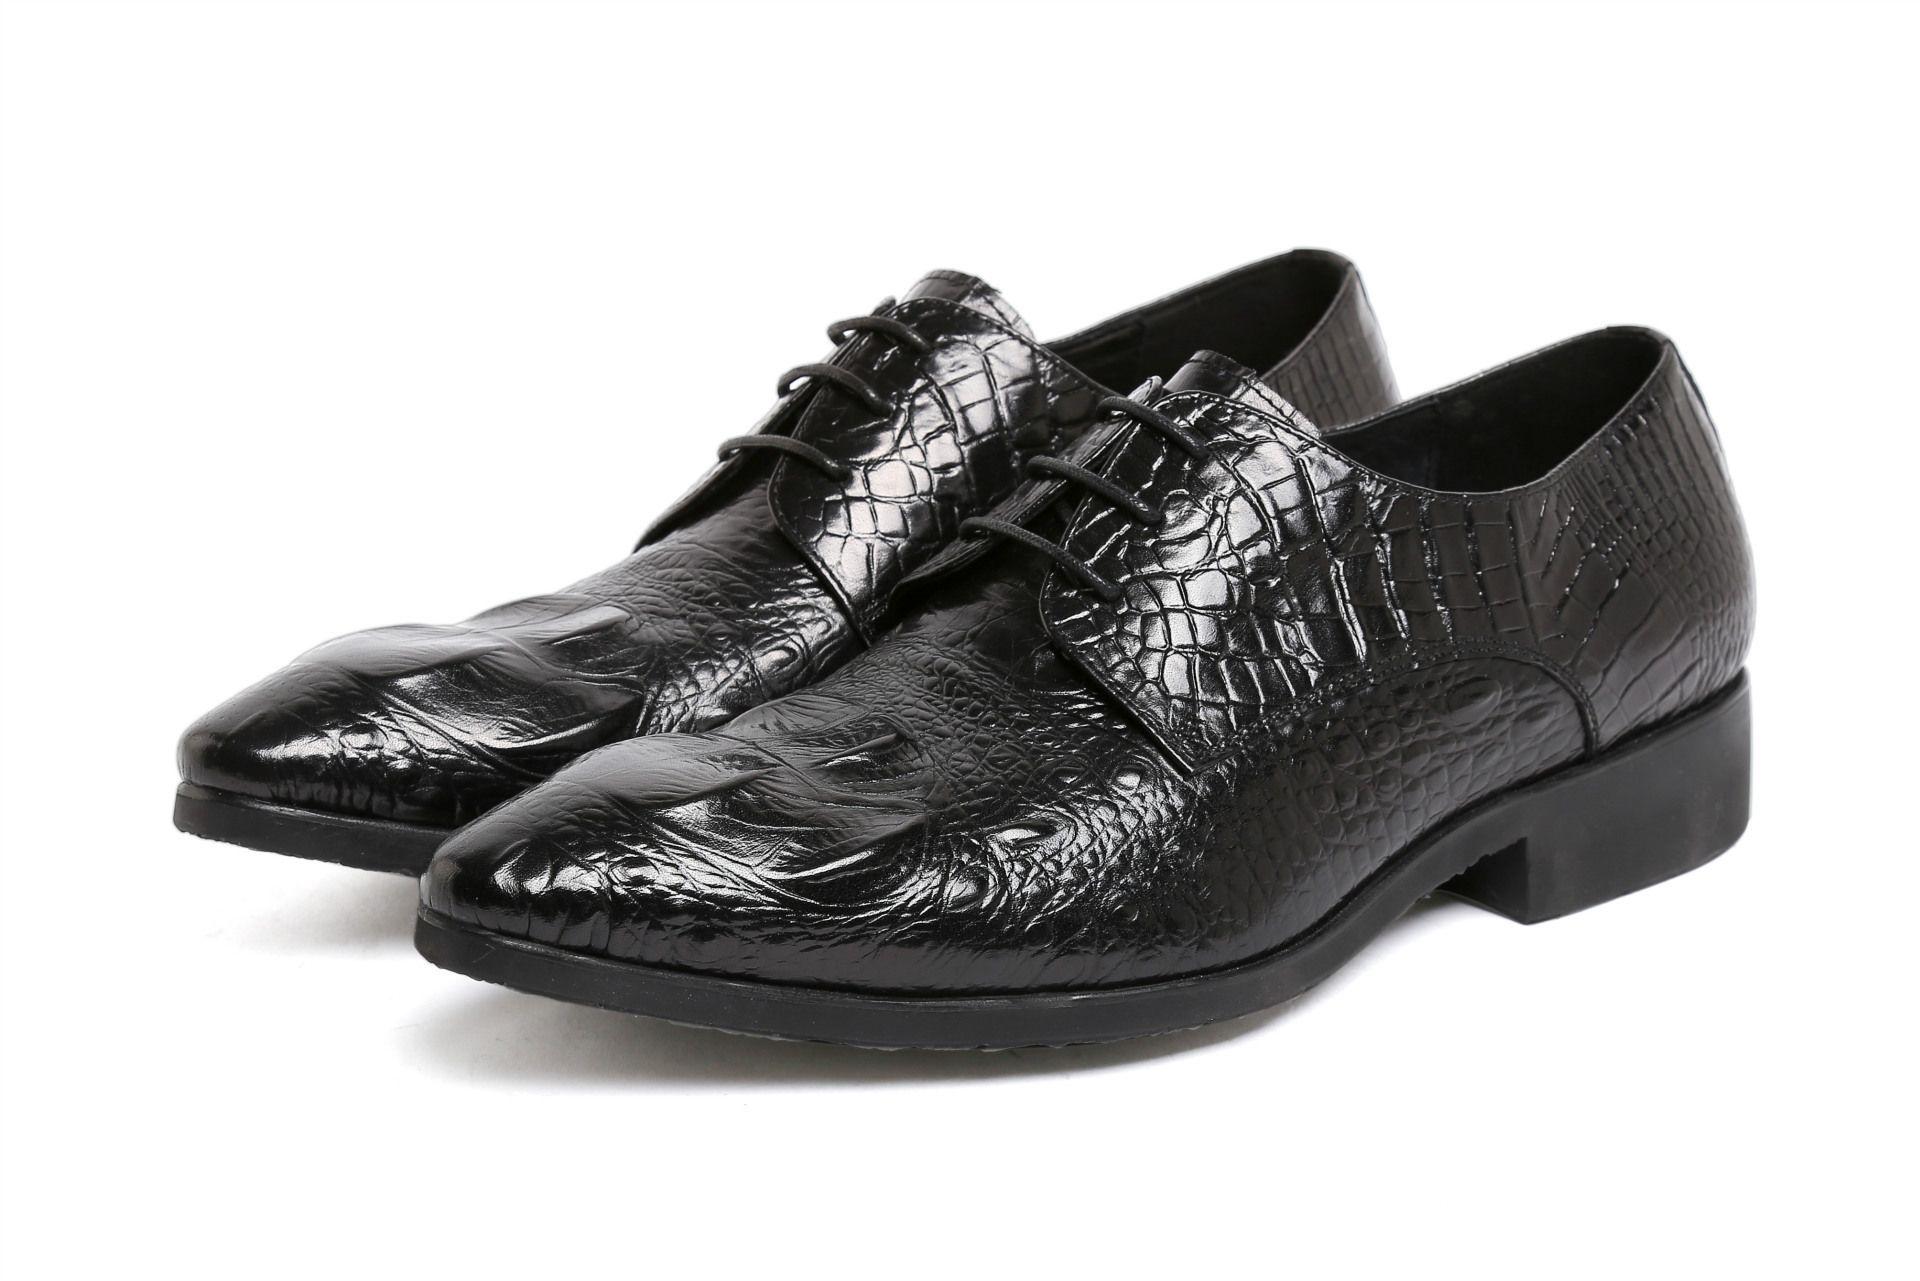 Zapatos de cuero con cordones de cocodrilo esquema formal usar zapatos de cuero de caballero de piel de vaca Material cómodo